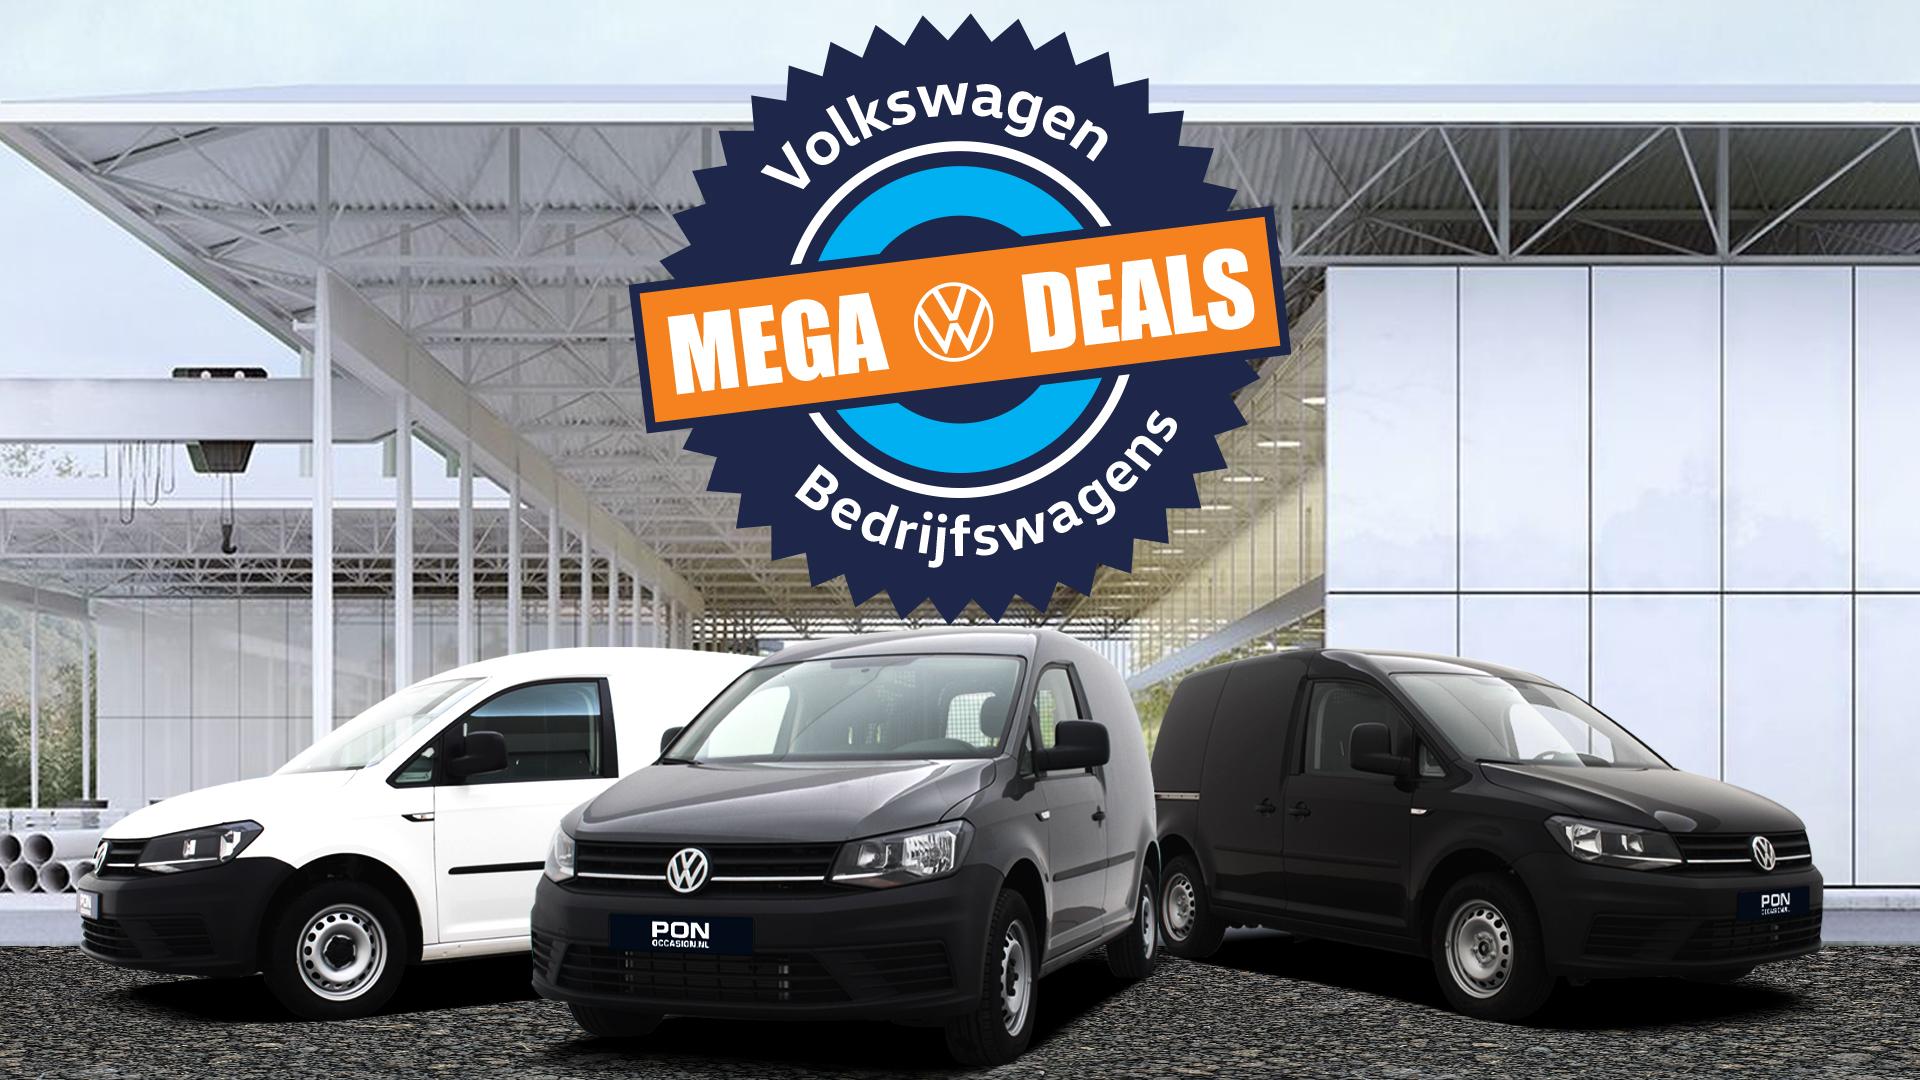 Volkswagen_Caddy_Mega_Deals_bij_Pon_Occasion.jpg